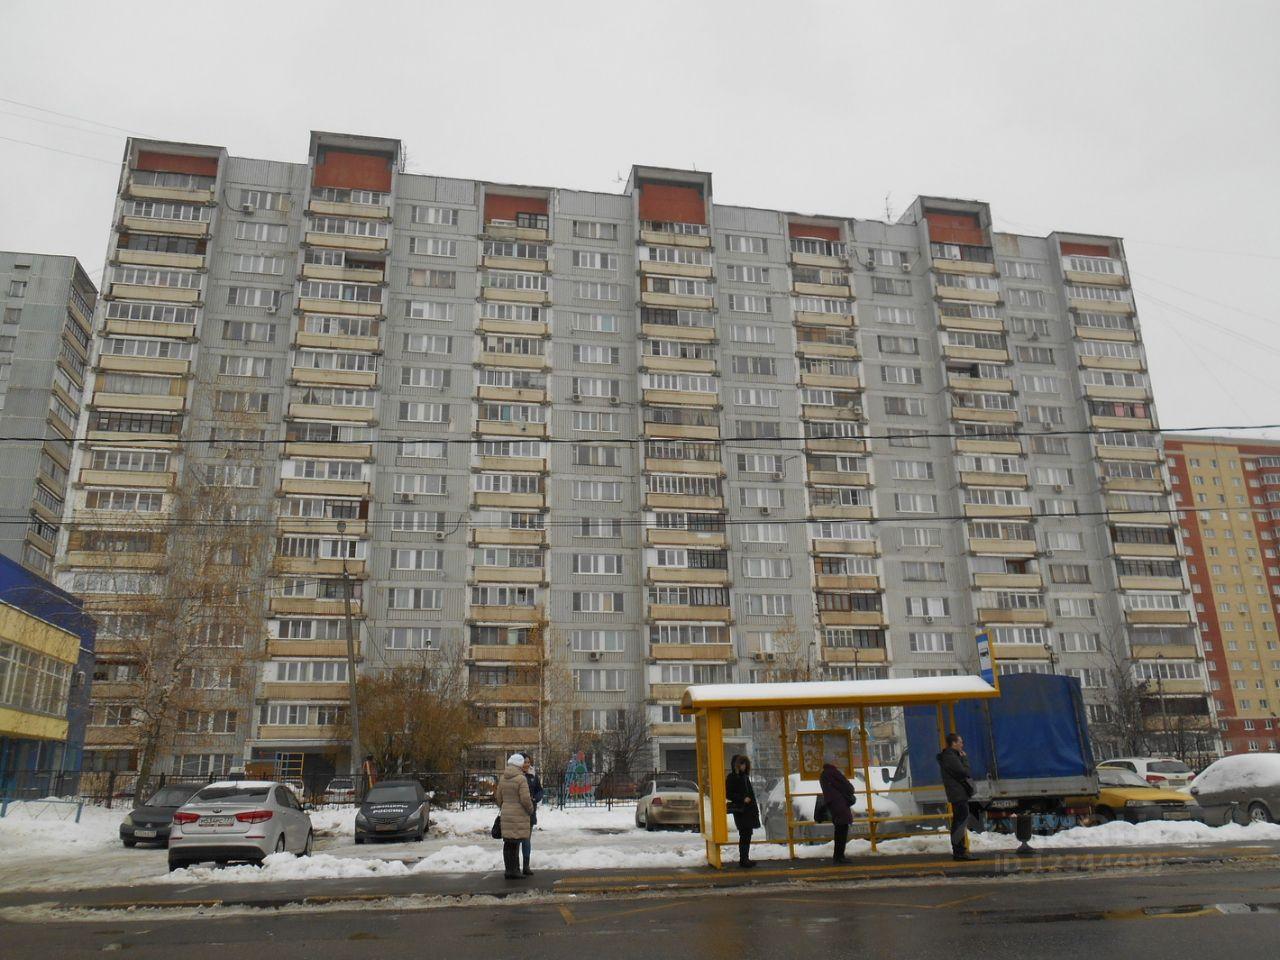 продаю трехкомнатную квартиру Химки городской округ, город Химки, Юбилейный проезд, д. 6